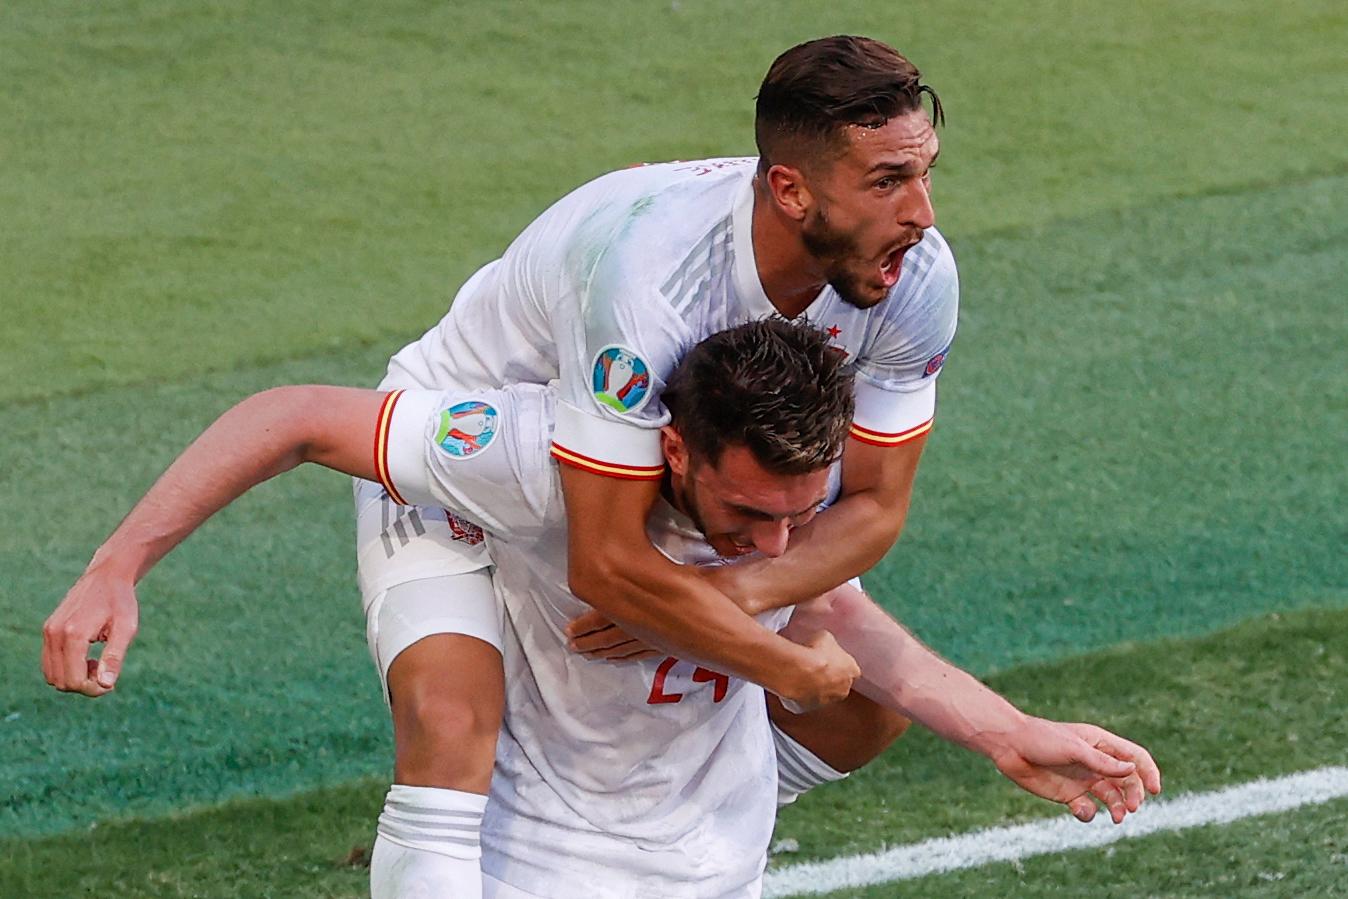 Spanyolország megérkezett az Európa-bajnokságra